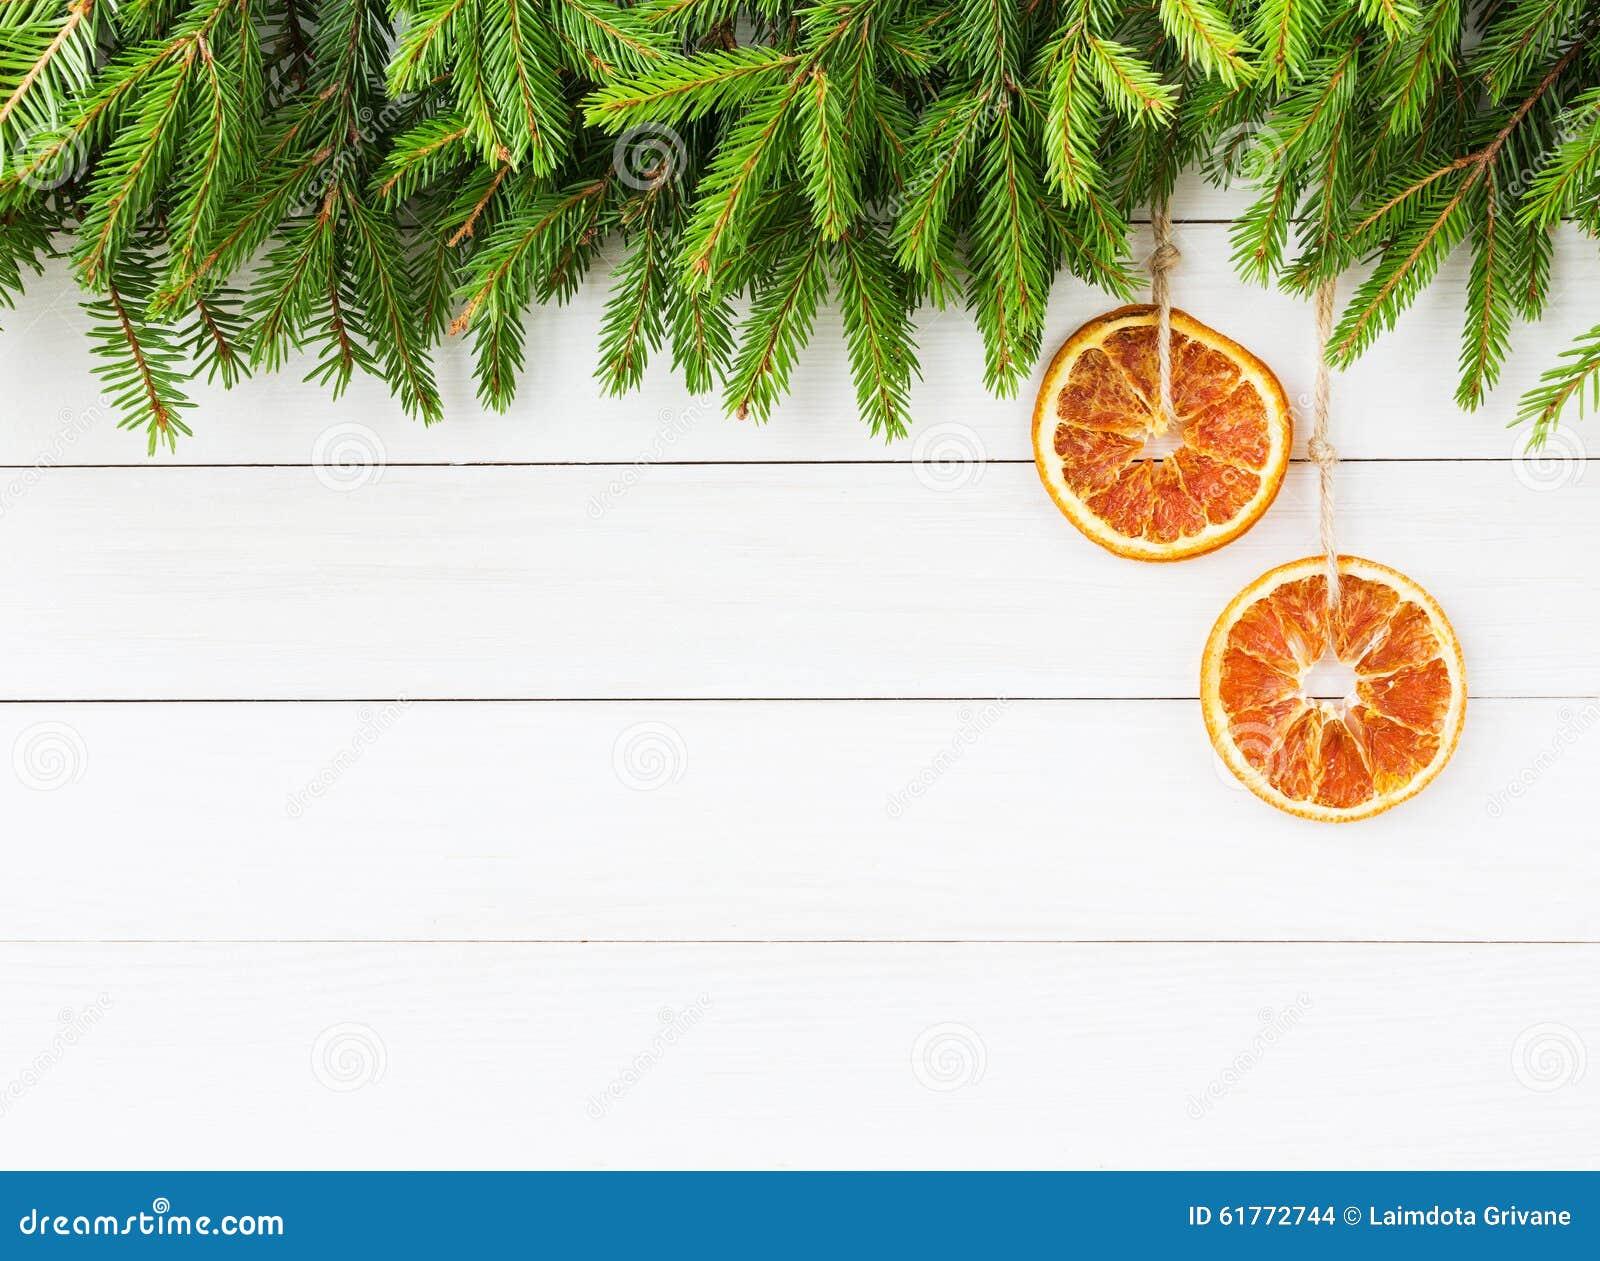 Fond De No L Arbre De Sapin De No L Avec La D Coration Orange Sur Le